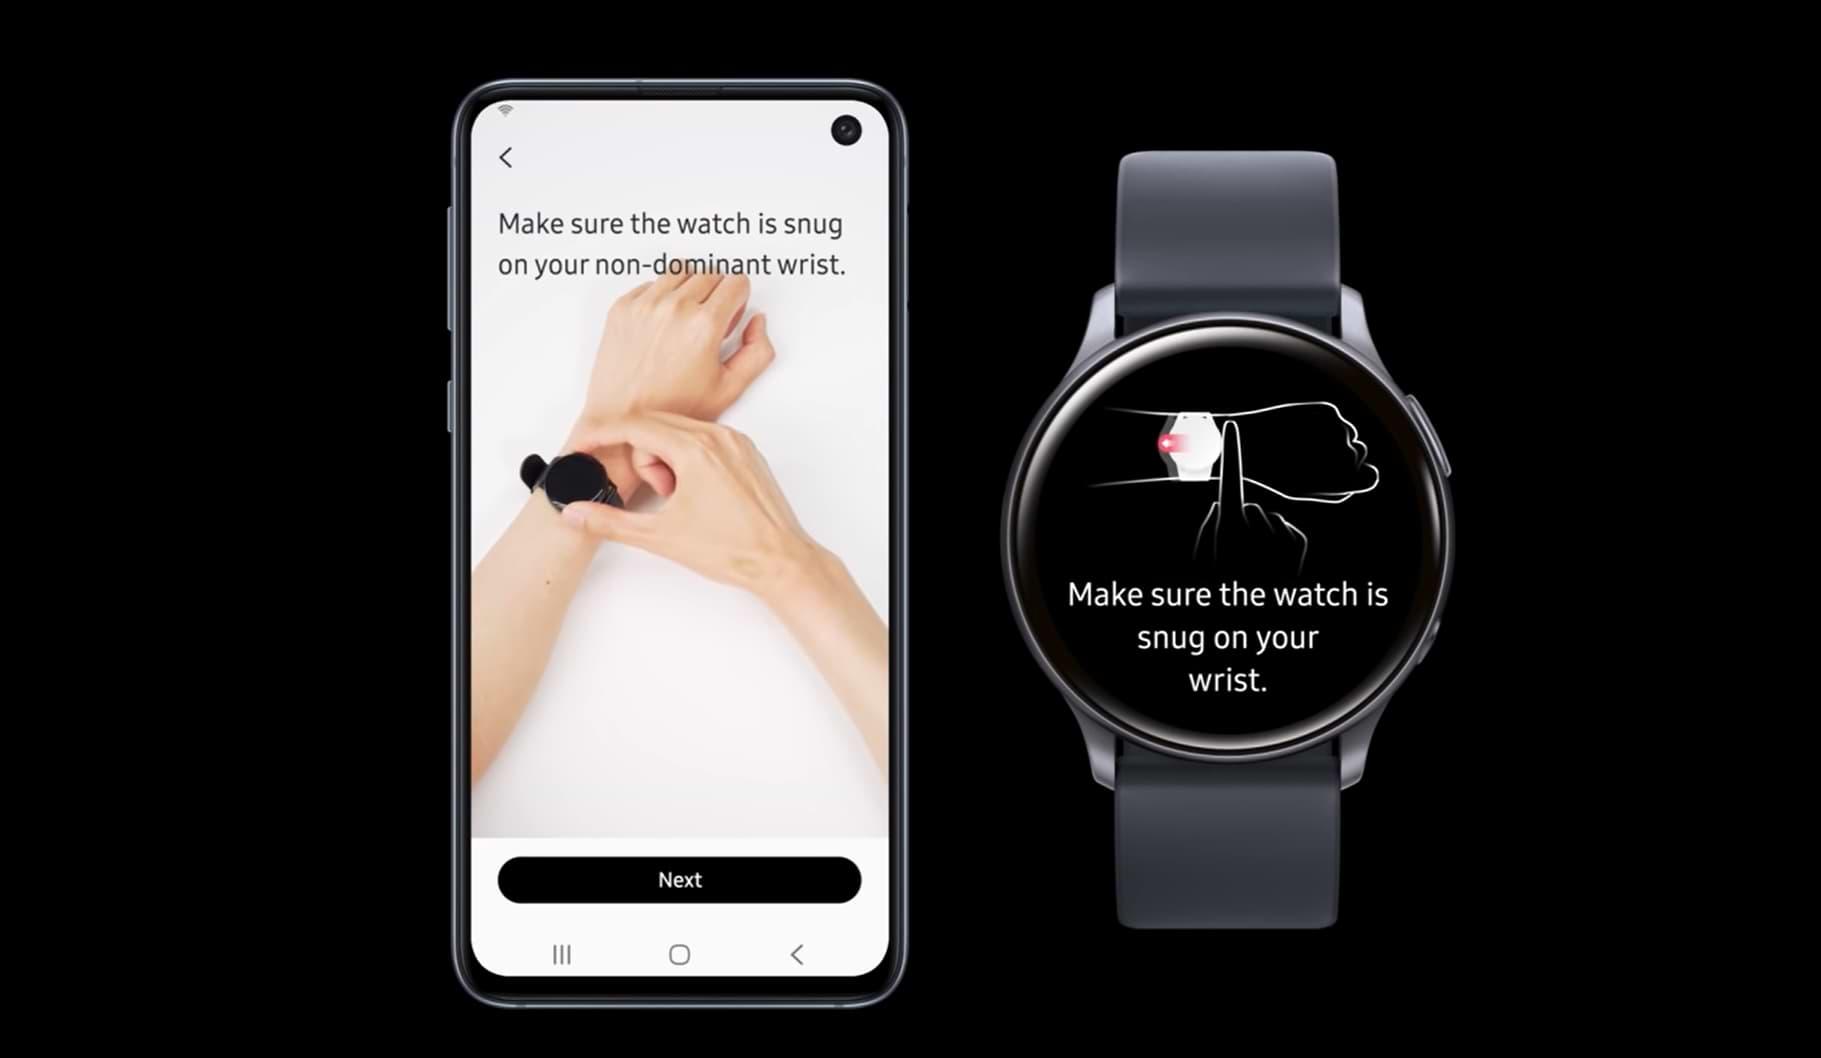 Los Smartwatches de Samsung obtienen una nueva aplicación de monitoreo de la presión arterial